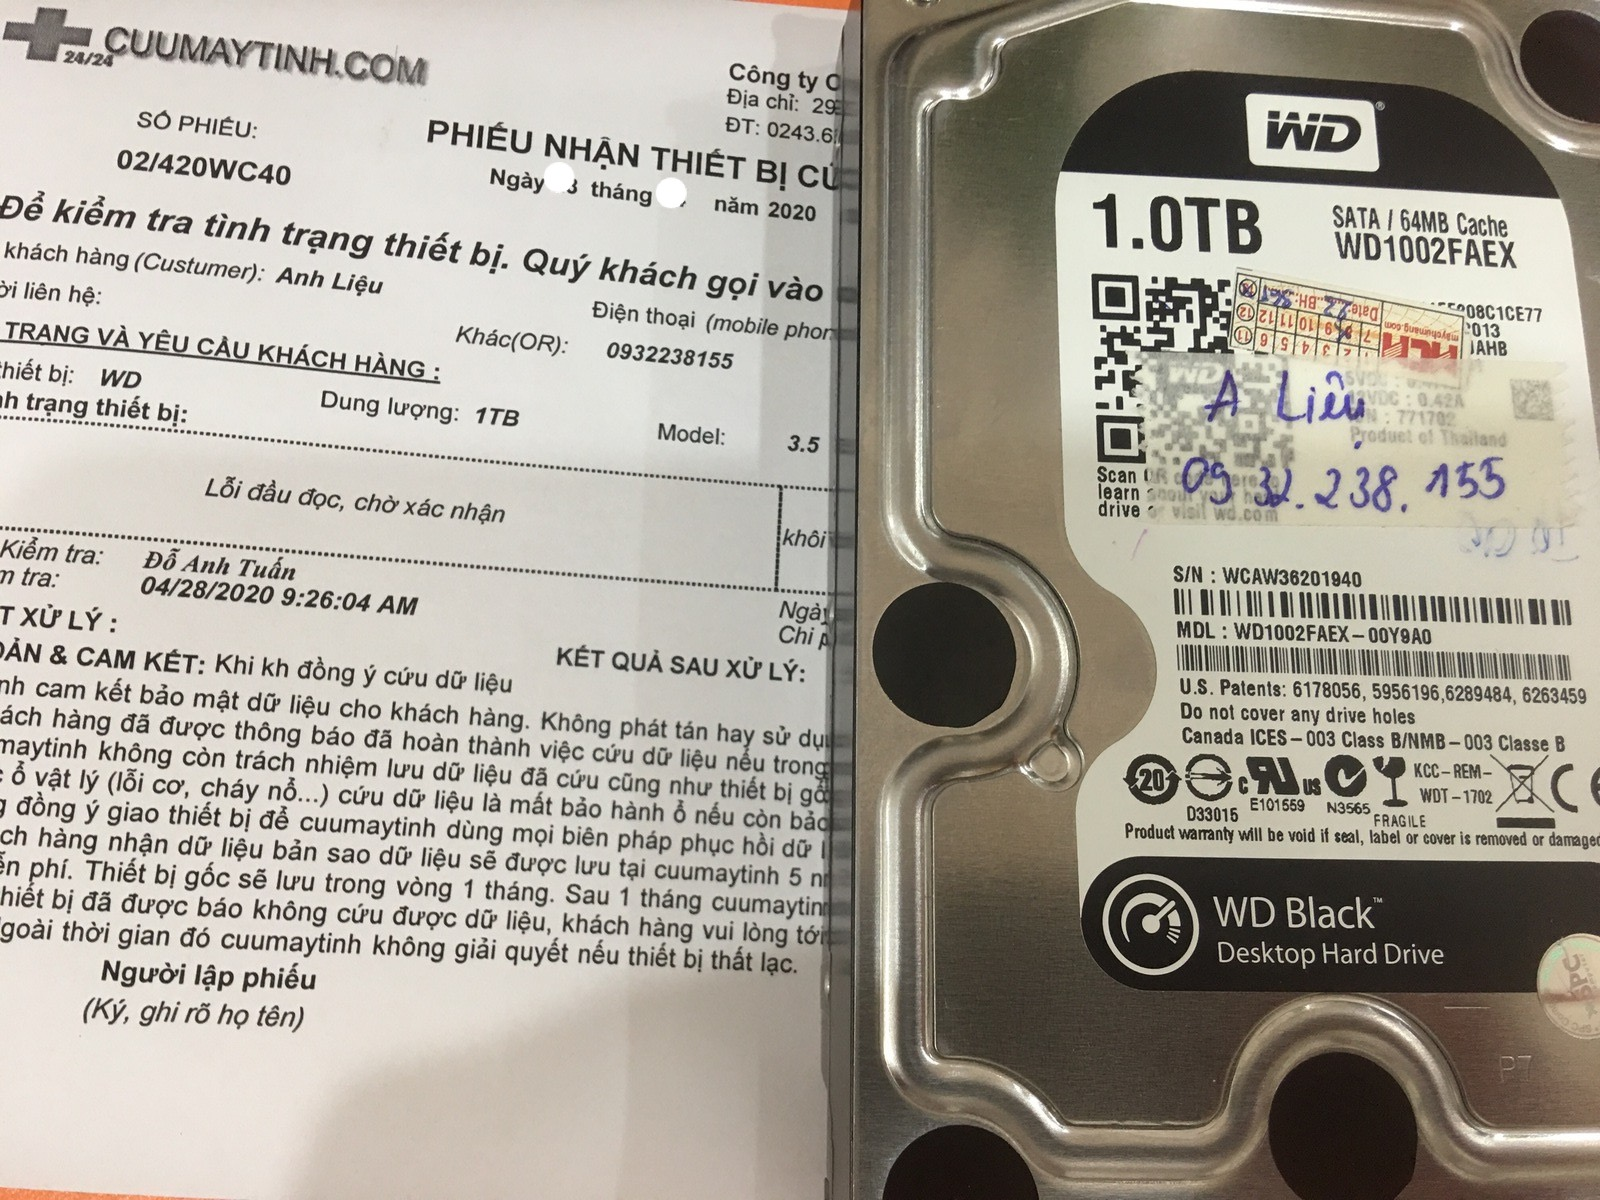 Phục hồi dữ liệu ổ cứng Western 1TB lỗi đầu đọc 15/05/2020 - cuumaytinh